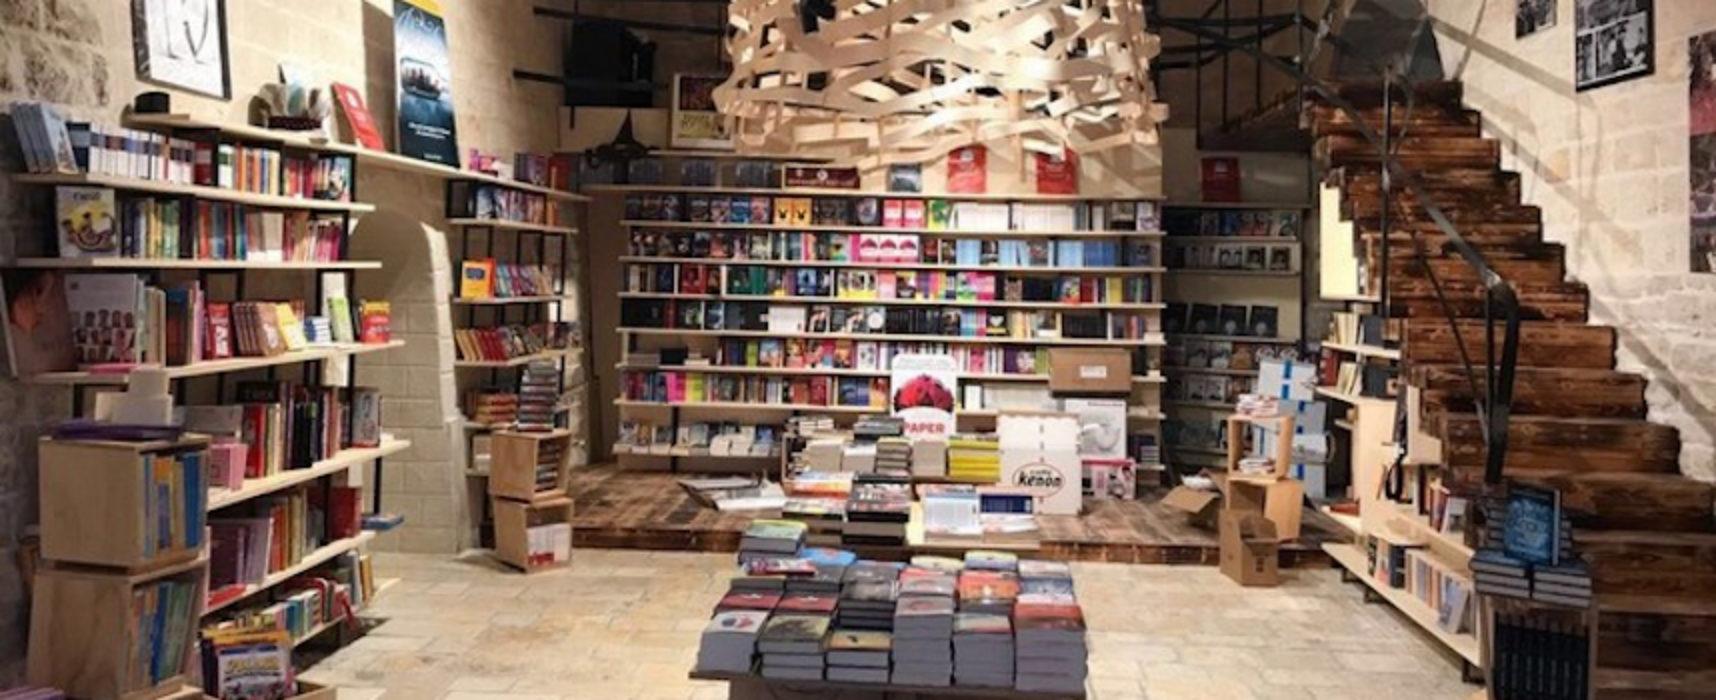 Vecchie Segherie Mastrototaro: acquistare libri da donare alle scuole biscegliesi